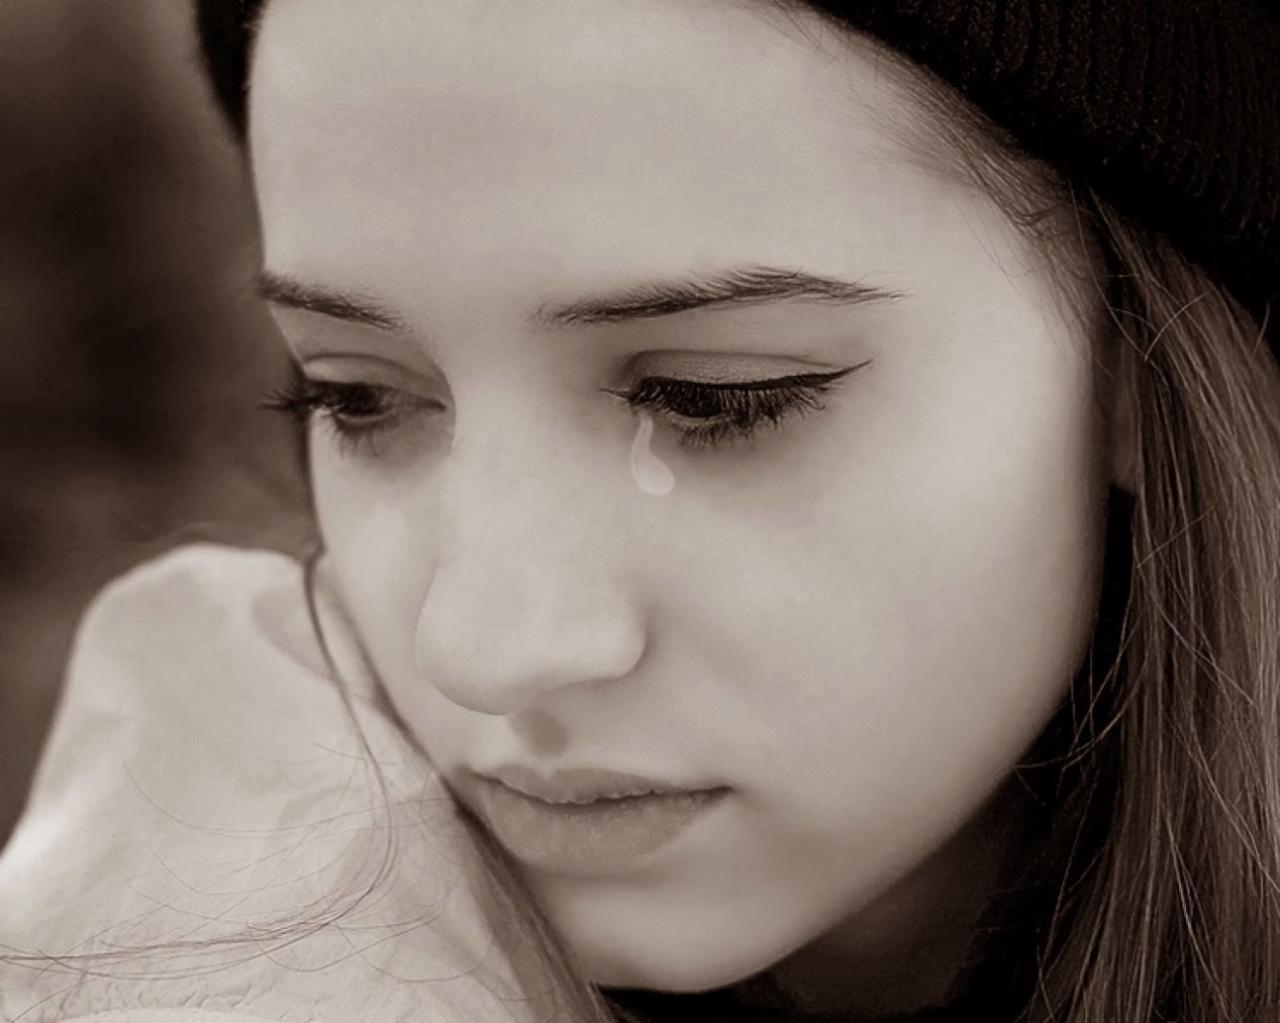 صورة صور حزينه بكاء , نضعها في مواقف تحدث كثيرا